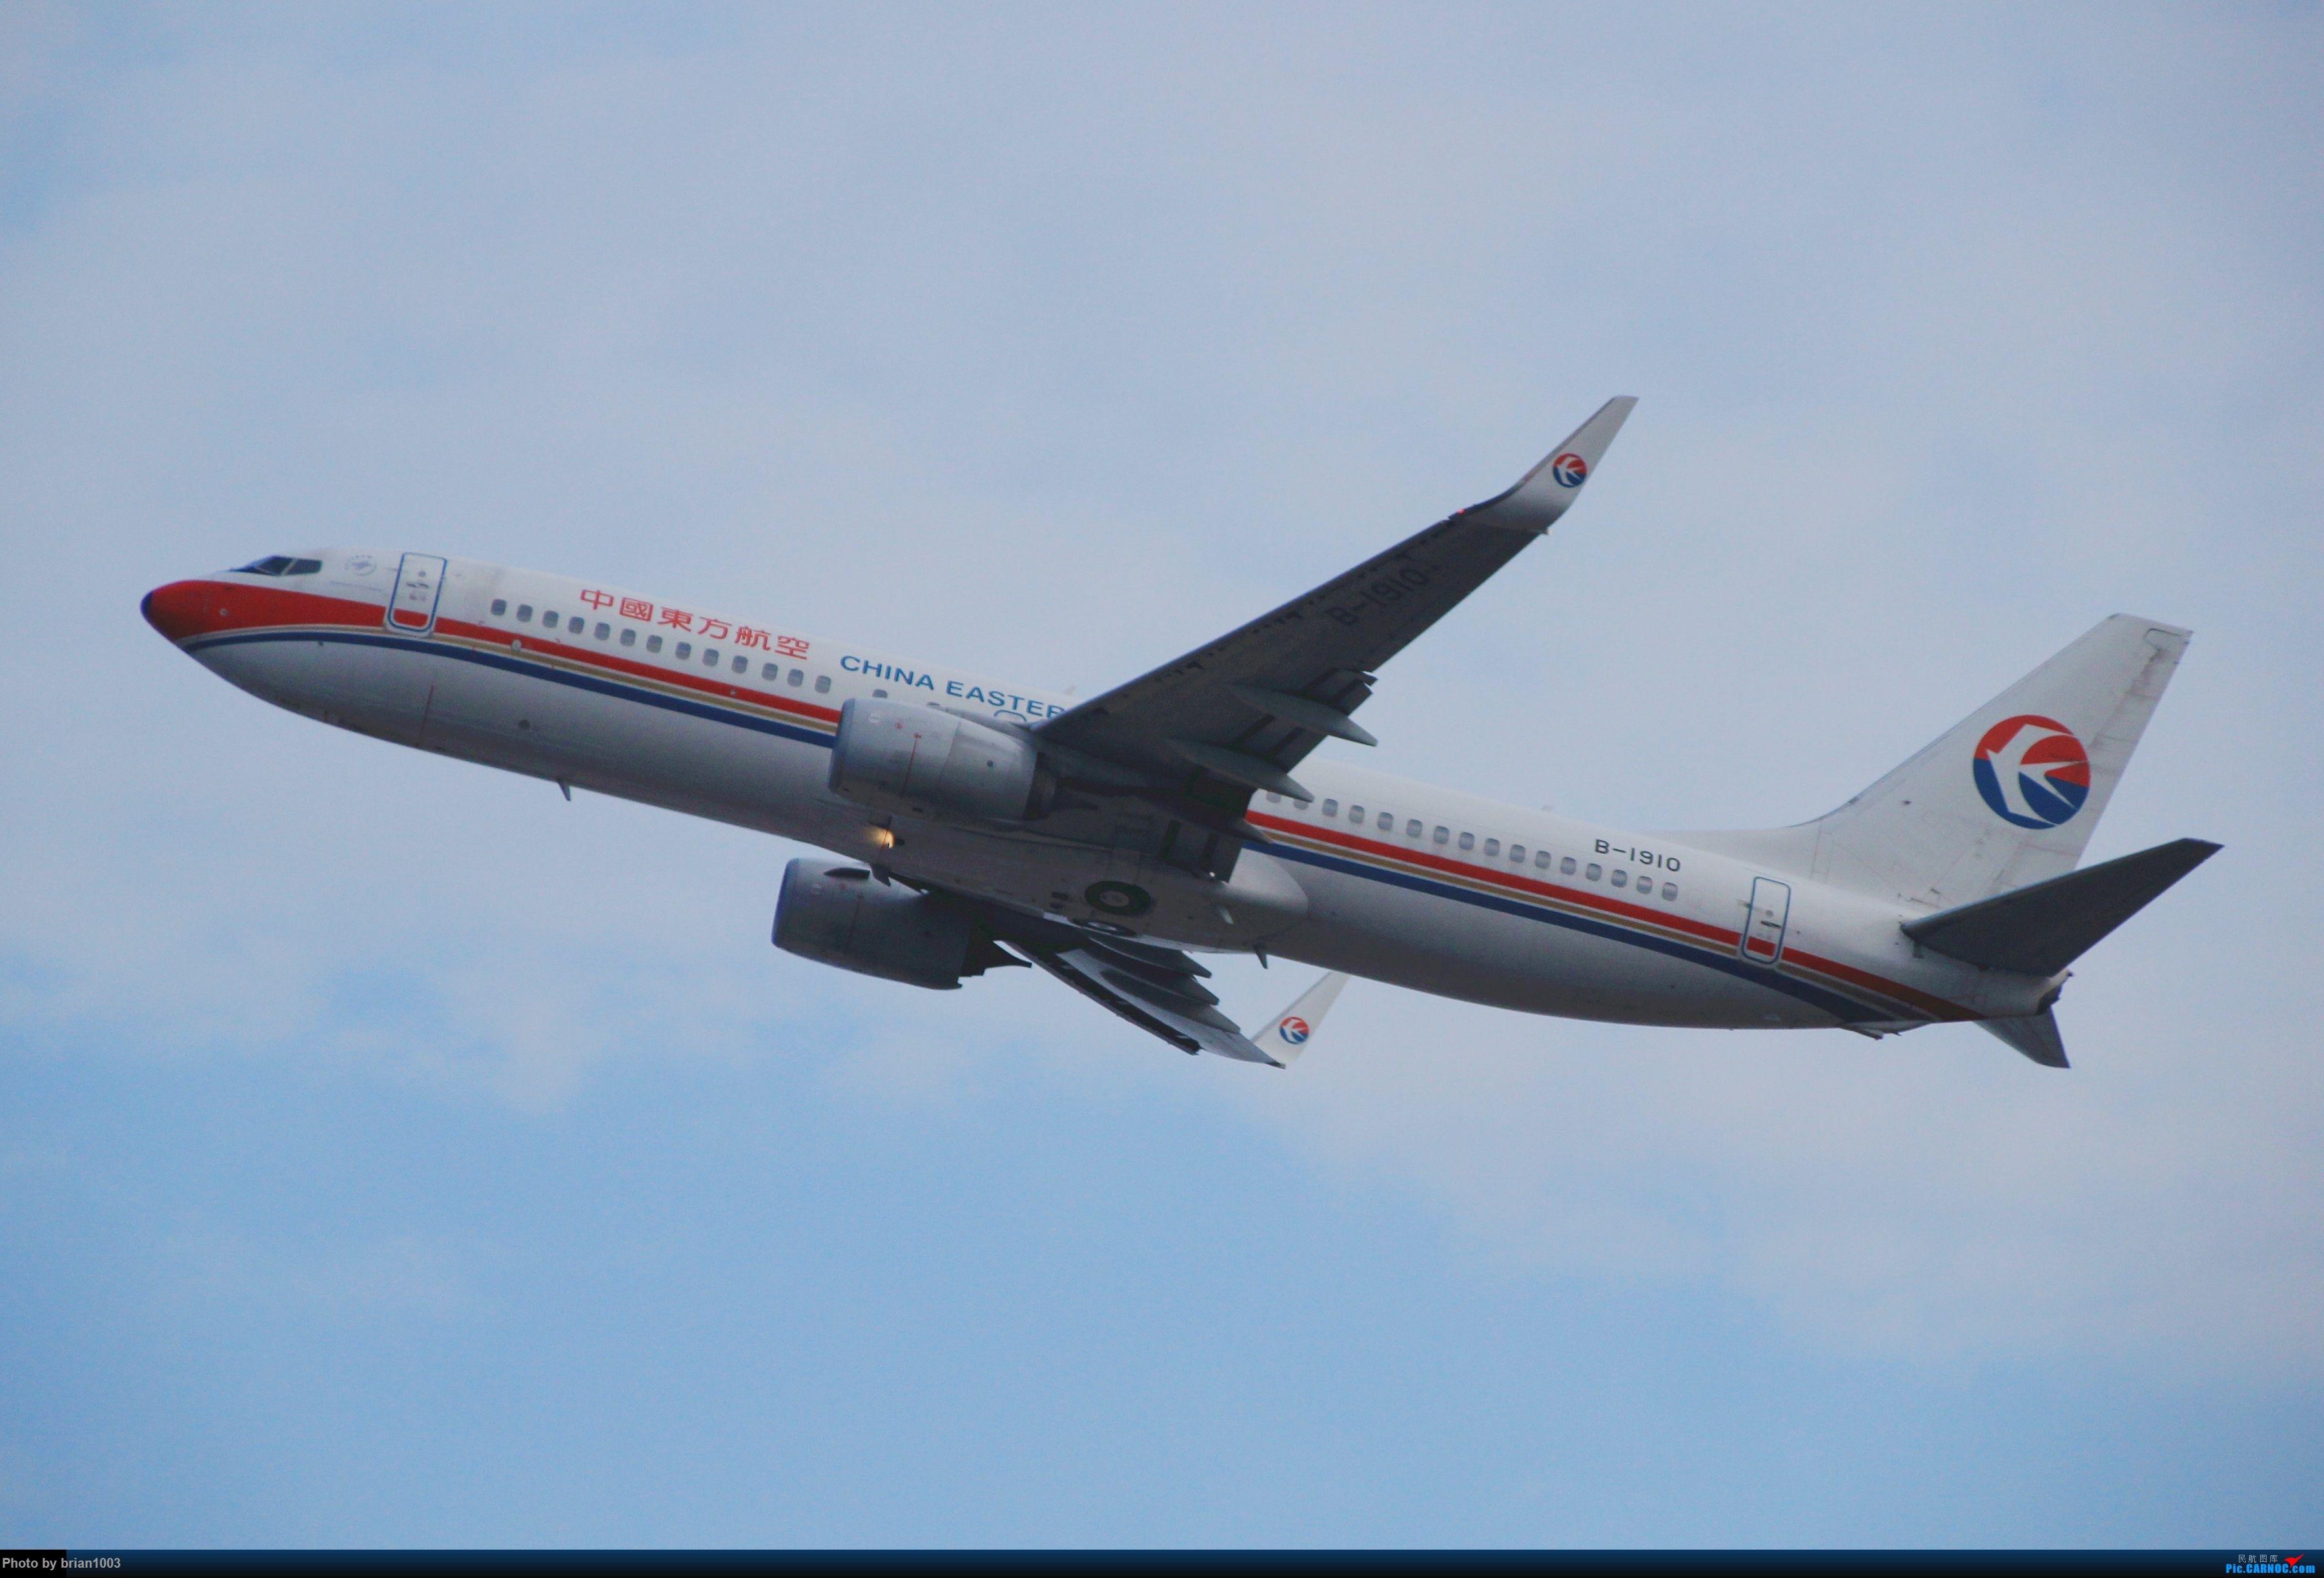 Re:[原创]WUH武汉天河机场拍机之精彩满满的十月(还可能更新) BOEING 737-800 B-1910 中国武汉天河国际机场